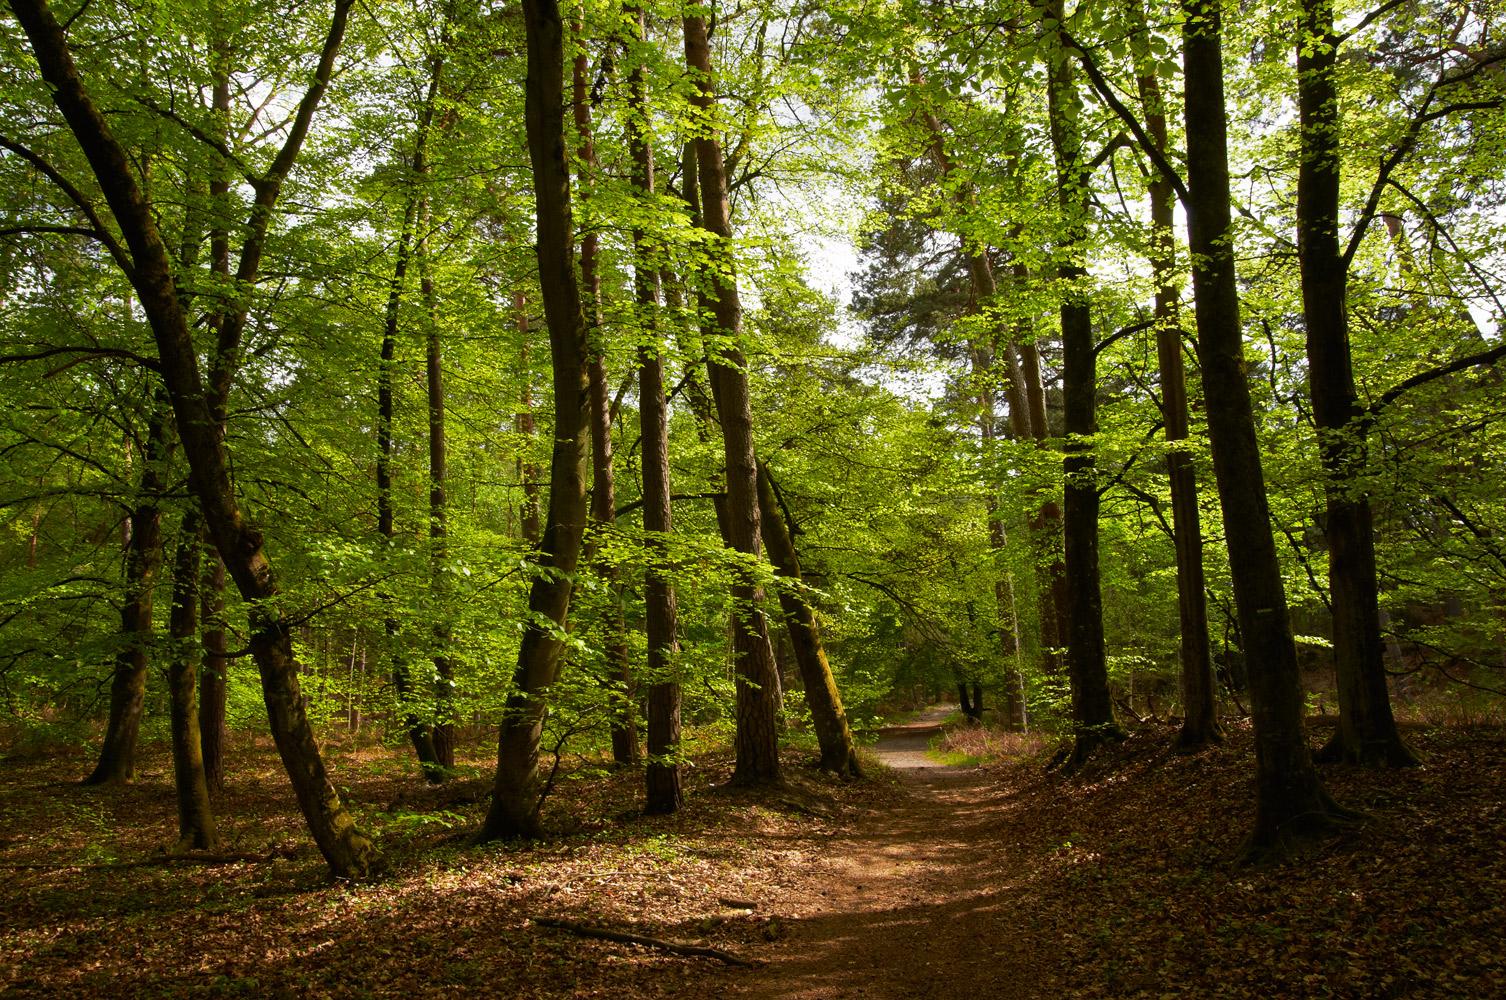 Sentier au milieu des grands arbres